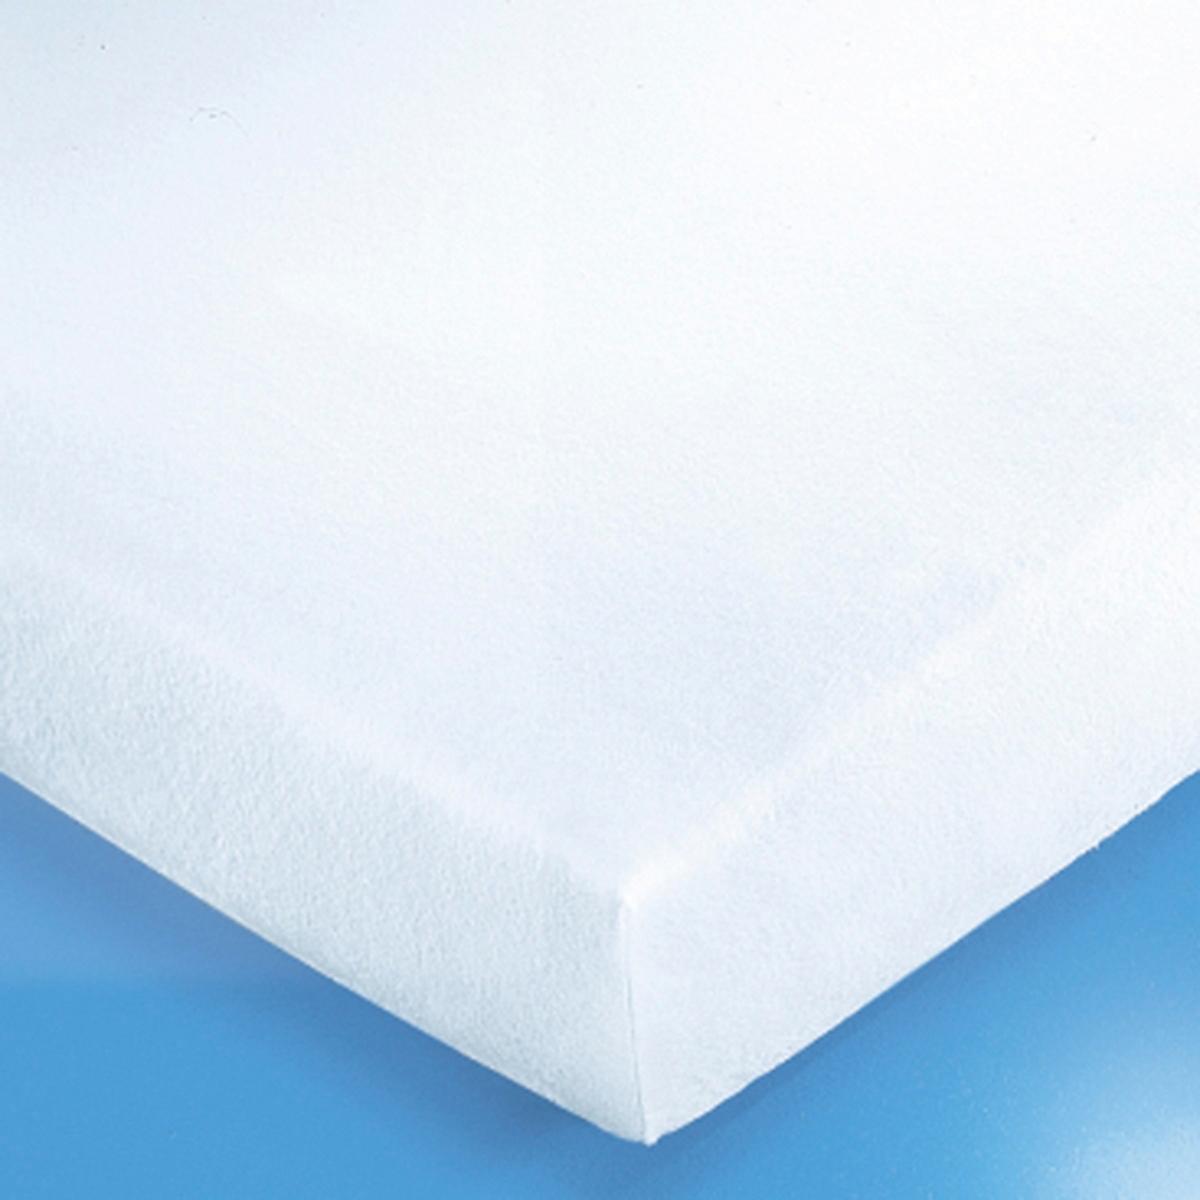 Чехол La Redoute Защитный для матраса флисовый гм 70 x 190 см белый мат для защитный для автомобиля мастерпроф с возможностью крепления на углах и колоннах 33 x 20 x 1 см